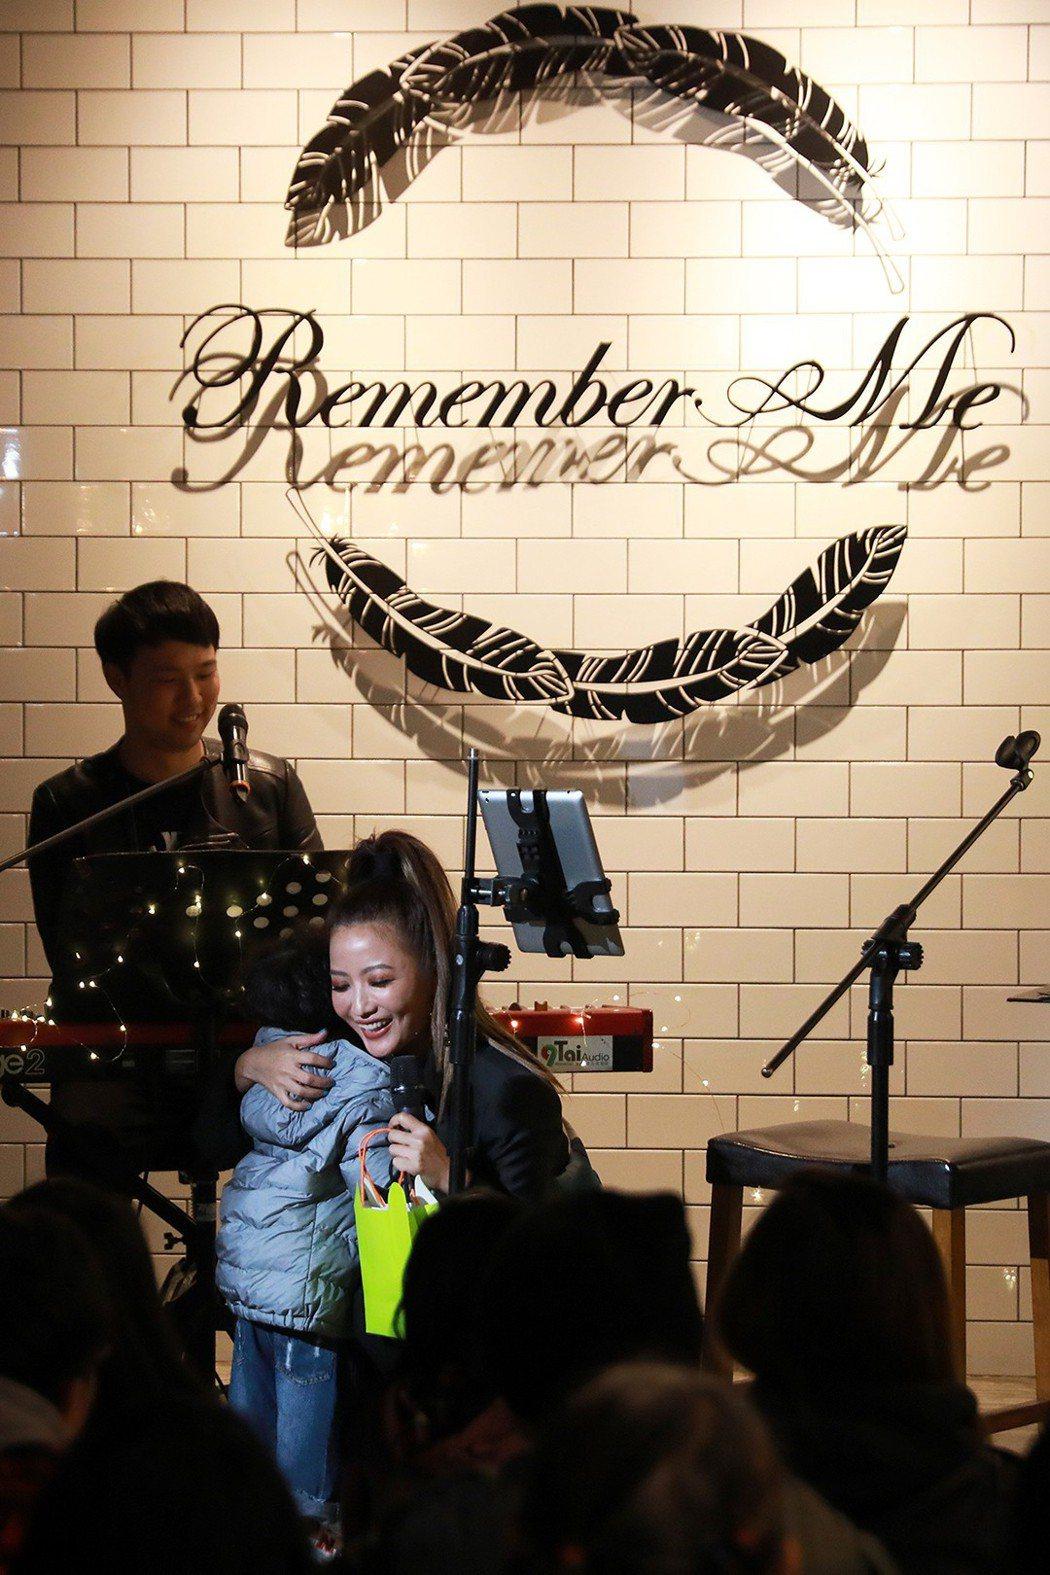 黃美珍19日舉辦生日會。圖/webtvasia x 上行娛樂提供